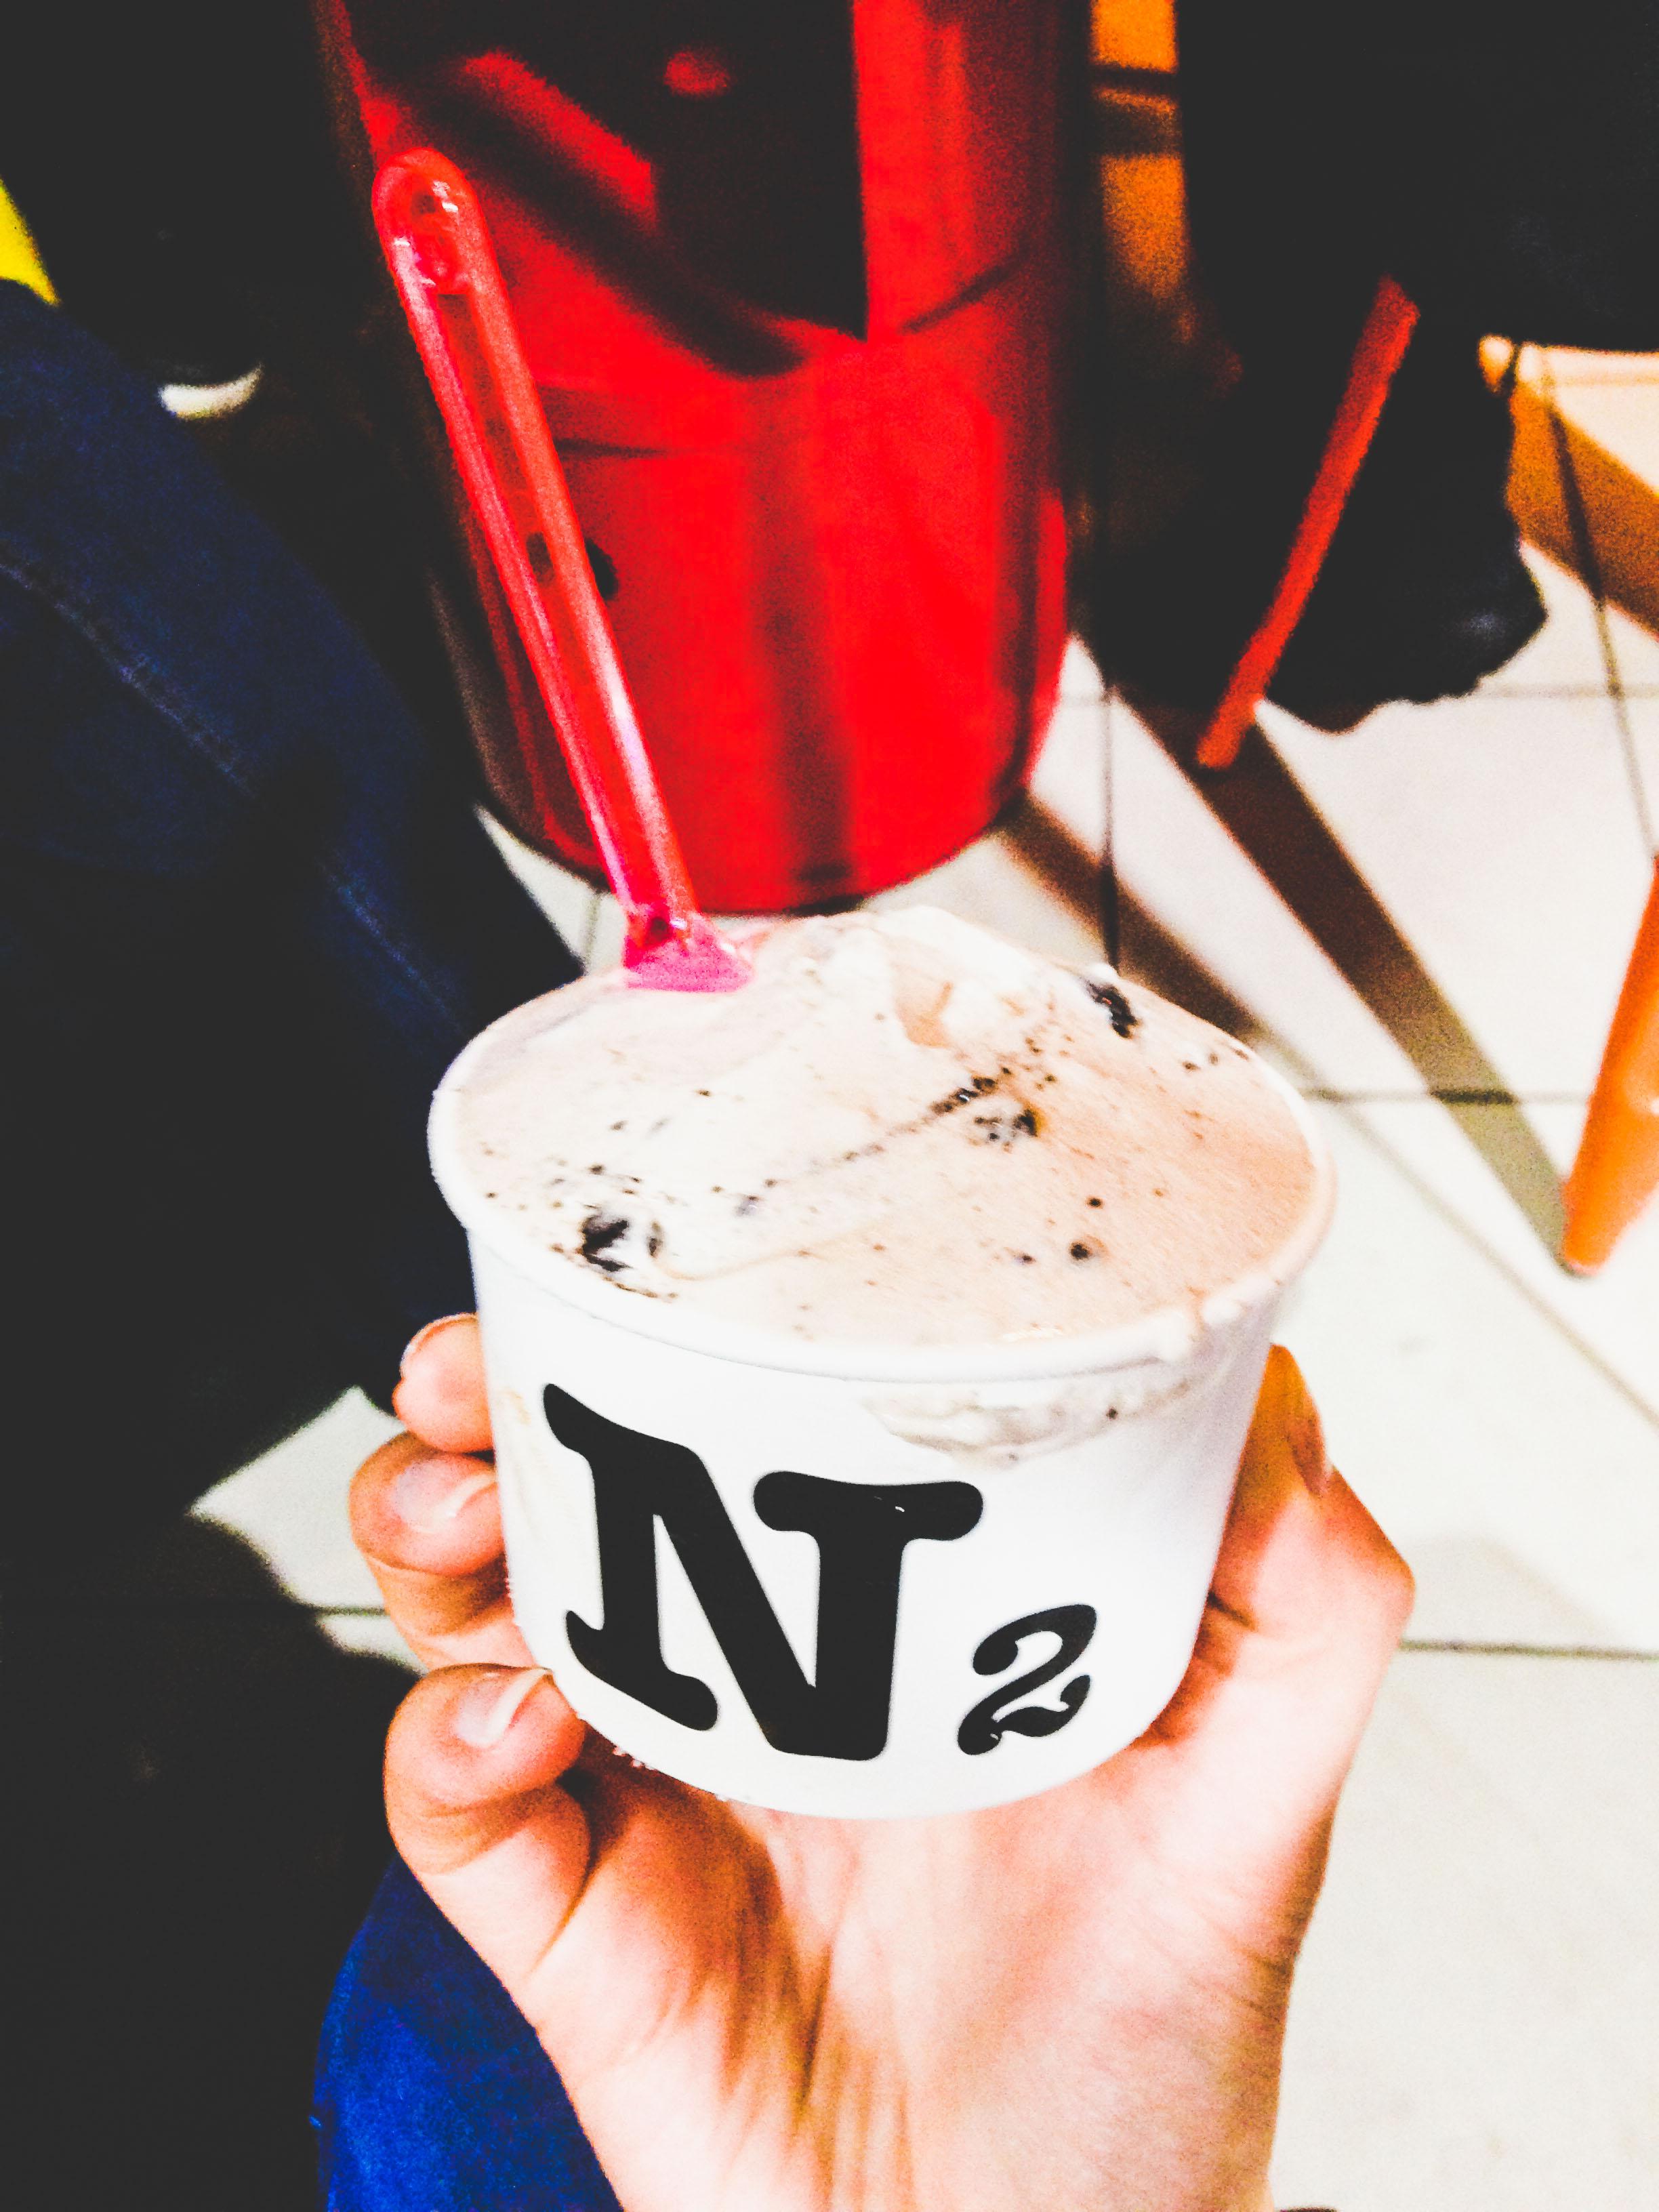 n2 in Chinatown, Sydney.